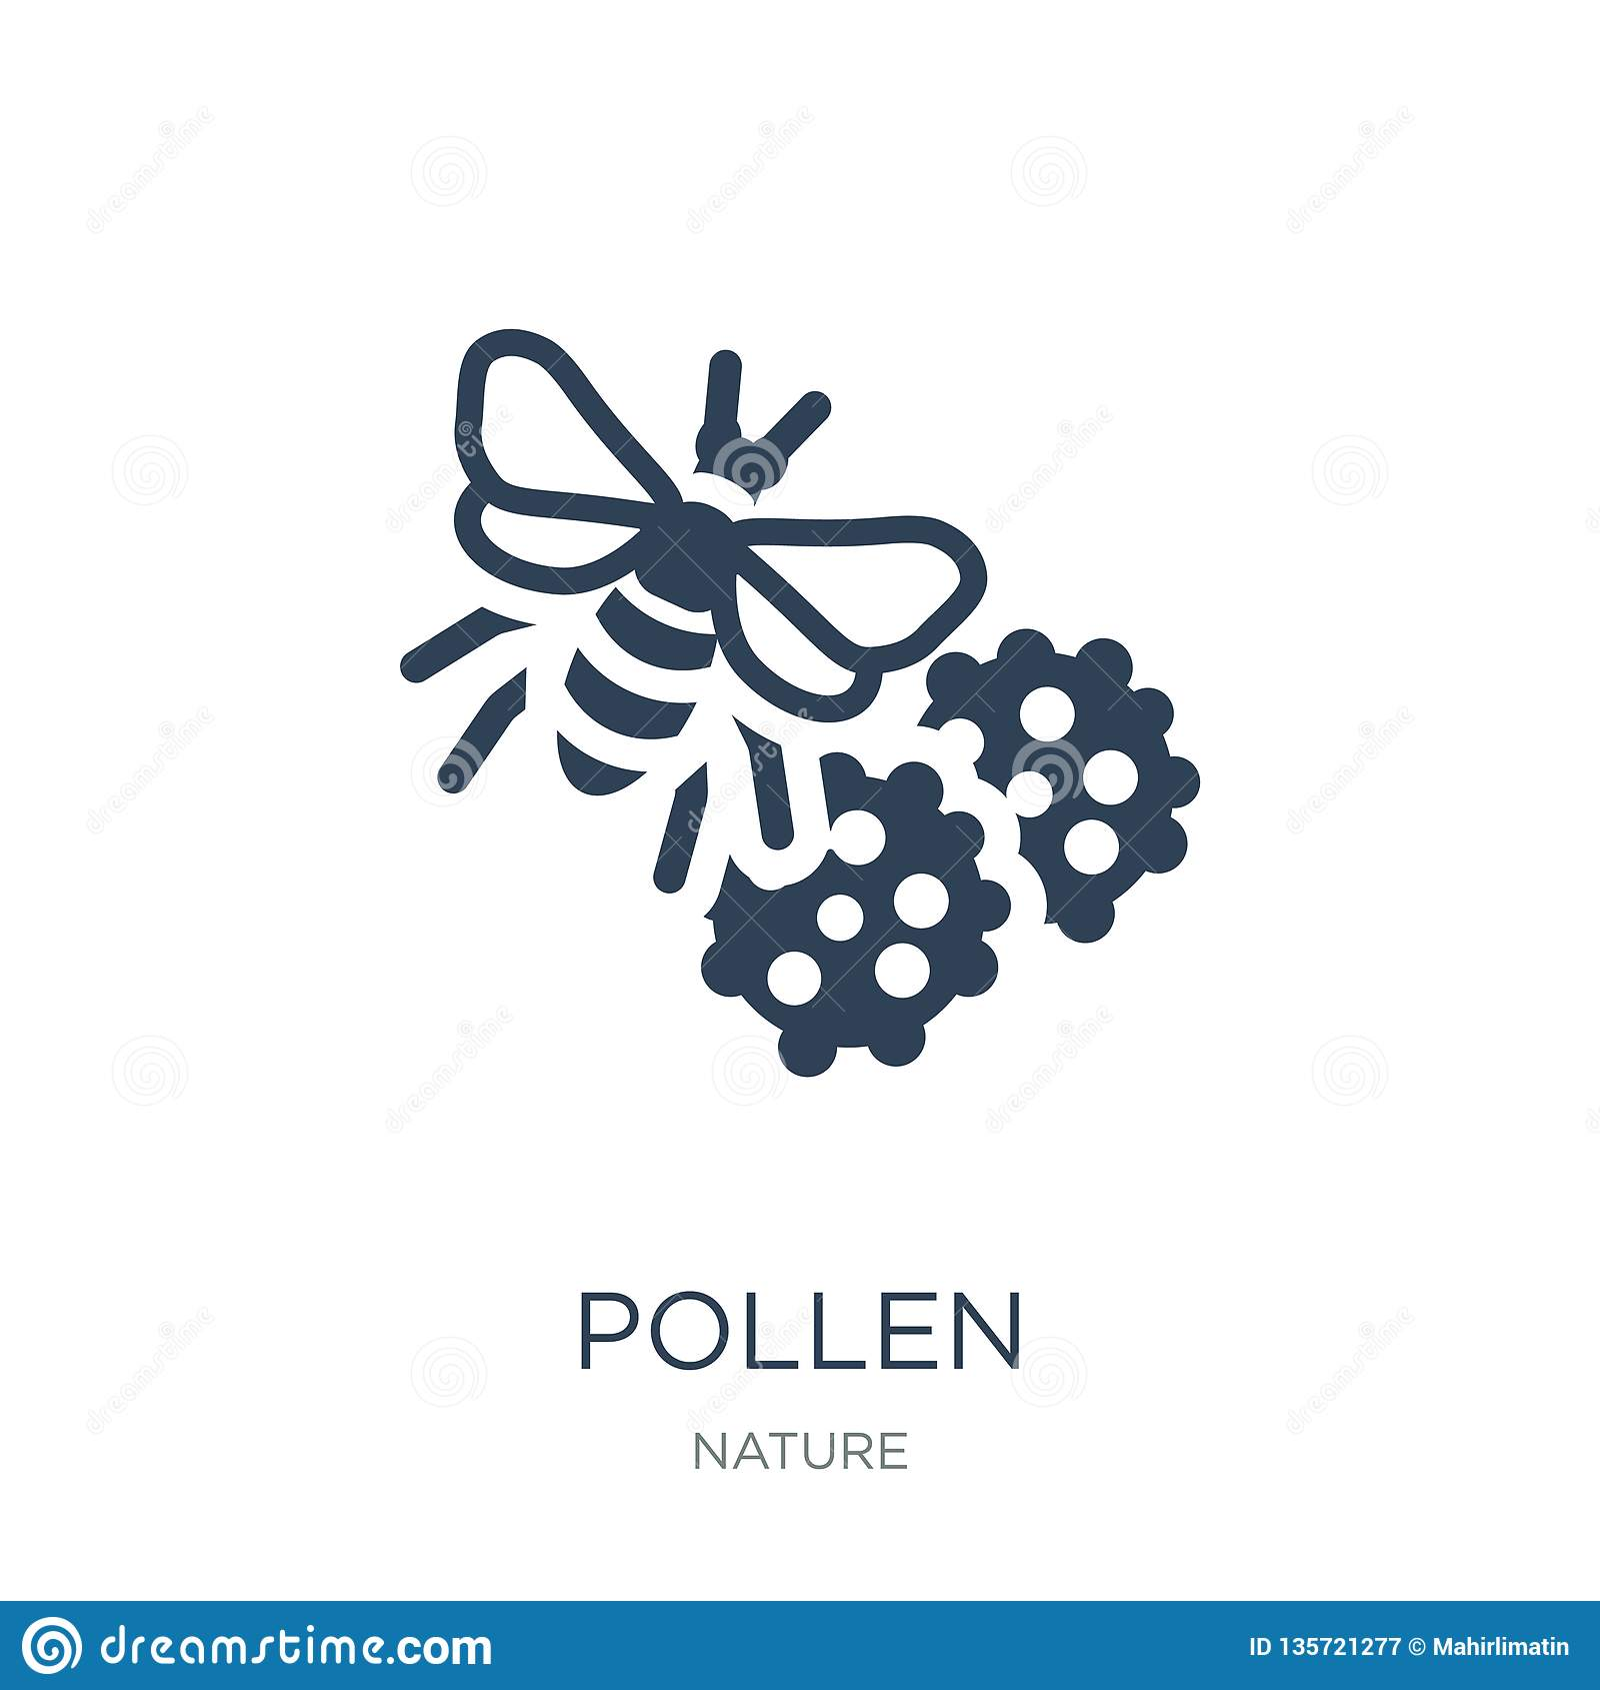 Icono del polen en estilo de moda del diseño icono del polen aislado en el fondo blanco símbolo plano simple y moderno del icono